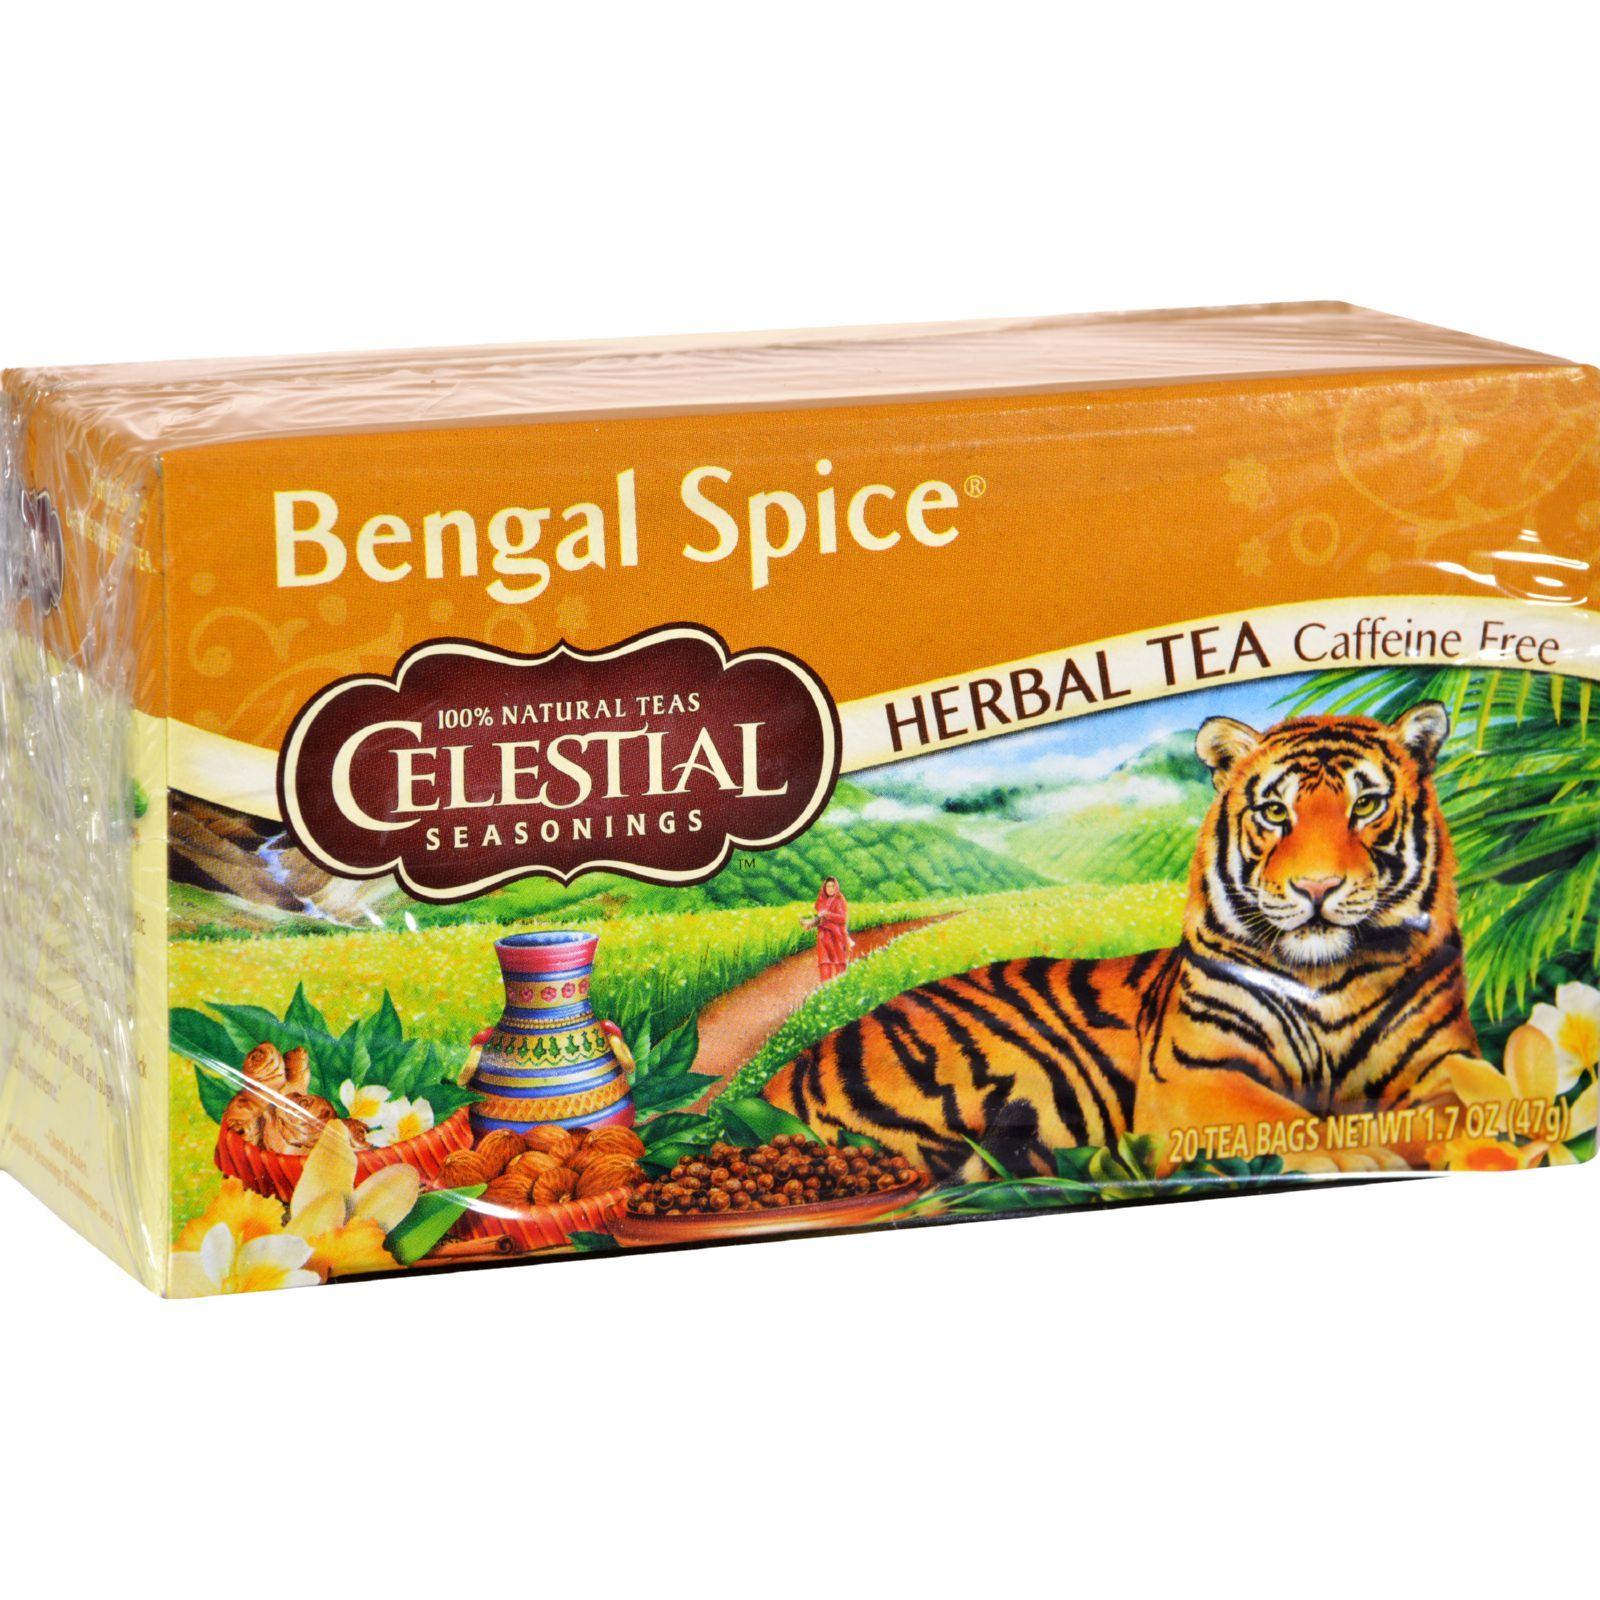 Celestial Seasonings Herbal Tea - Bengal Spice - Caffeine Free - 20 Bags